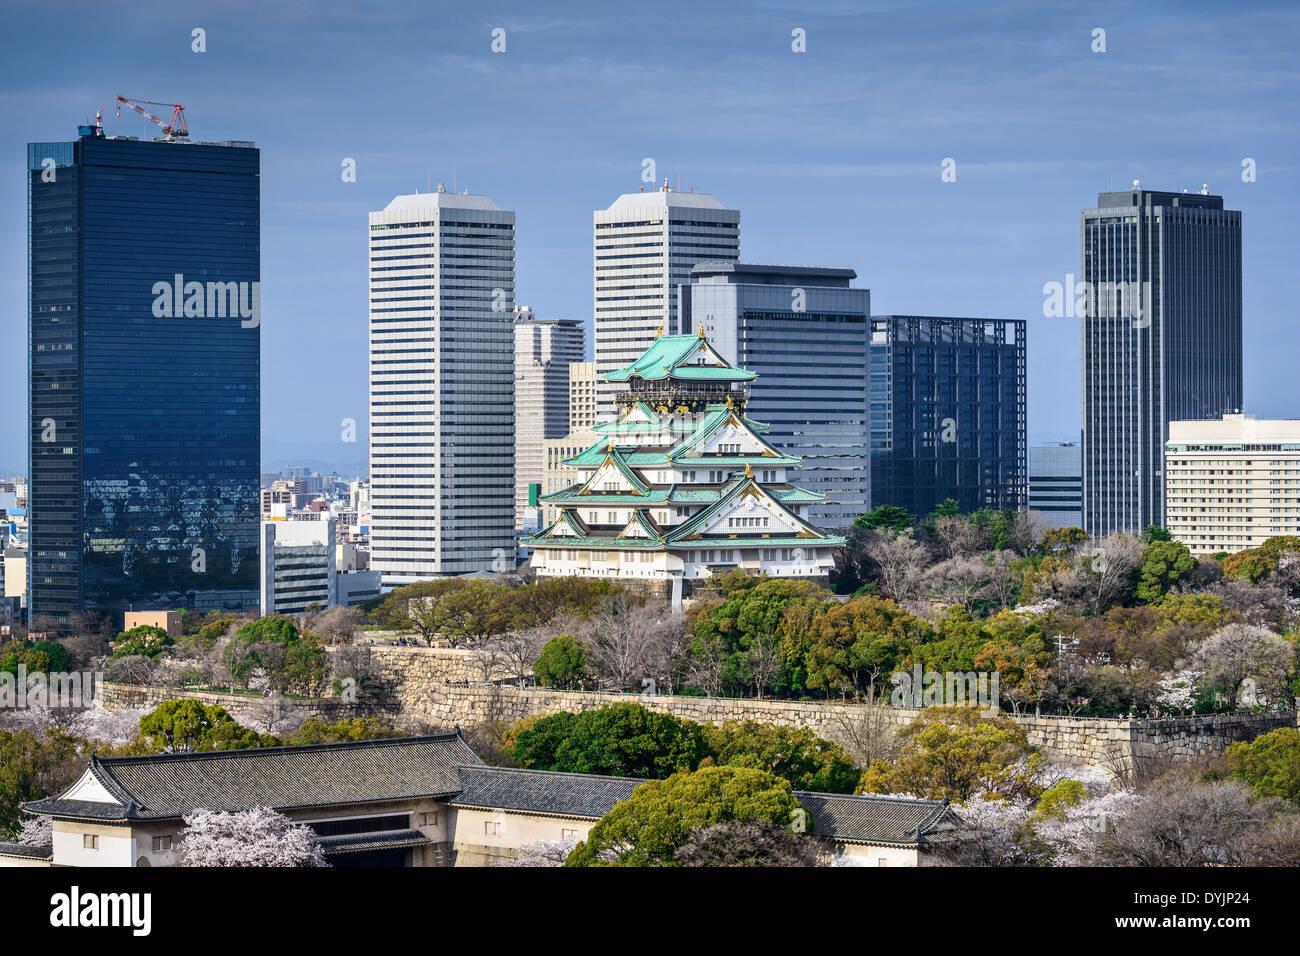 Osaka in Giappone presso il Castello di Osaka. Immagini Stock